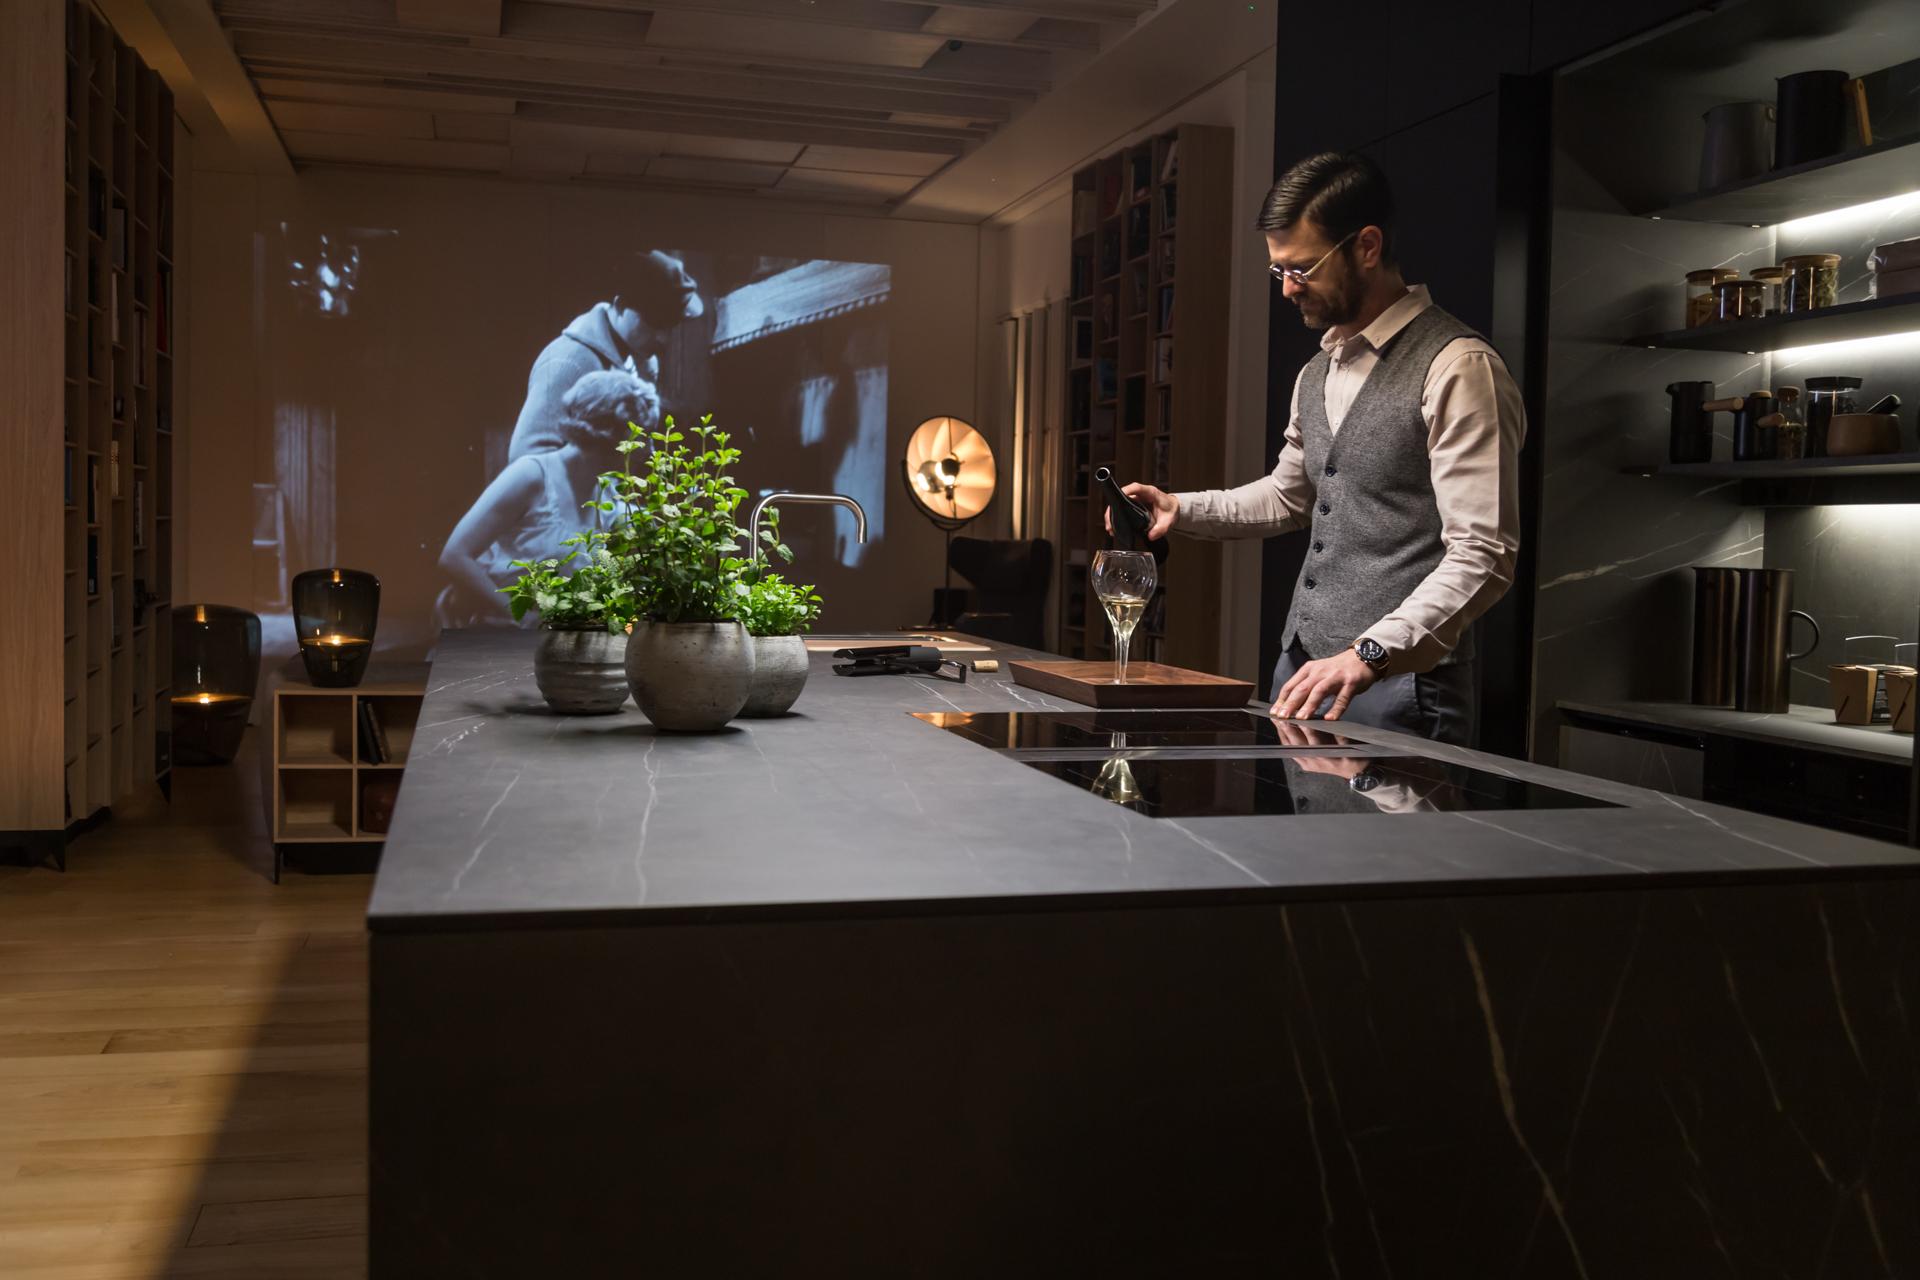 Cocina como zona de entretenimiento con pantalla o proyector